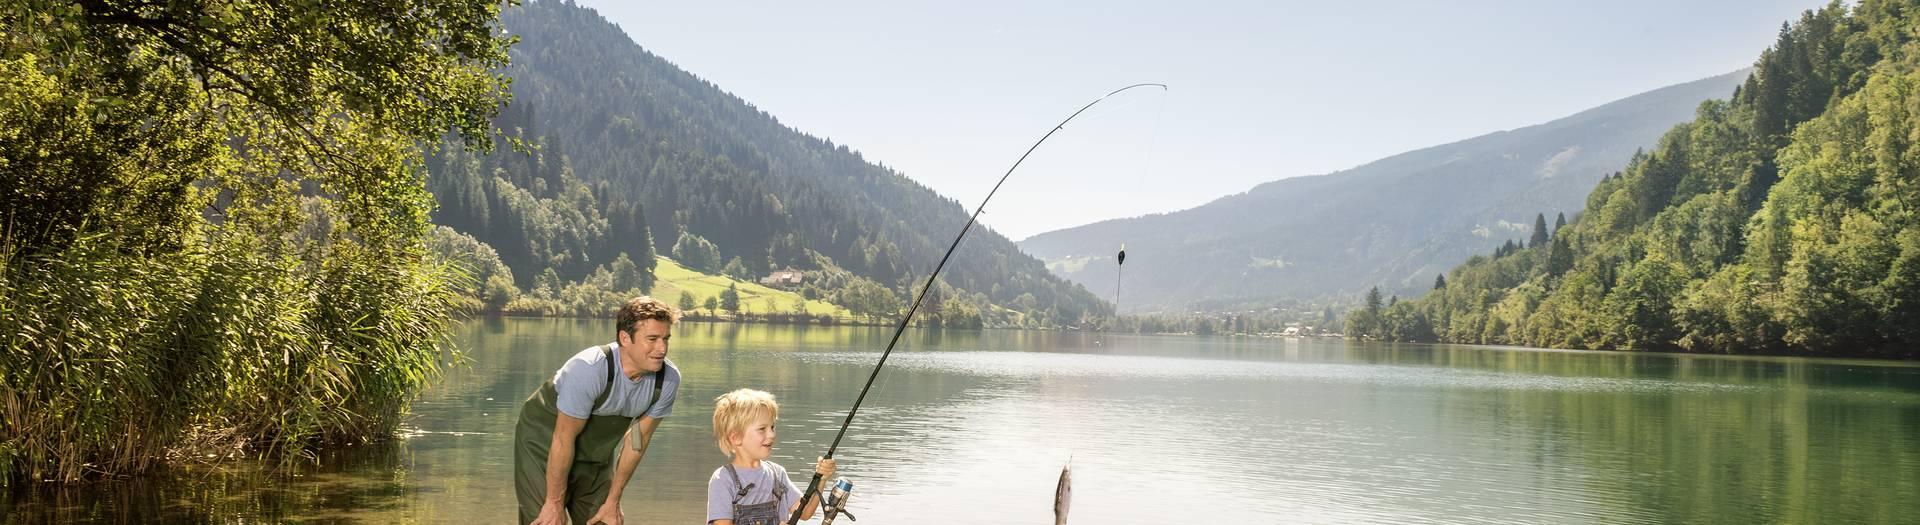 Afritz Fischen am Afritzer See